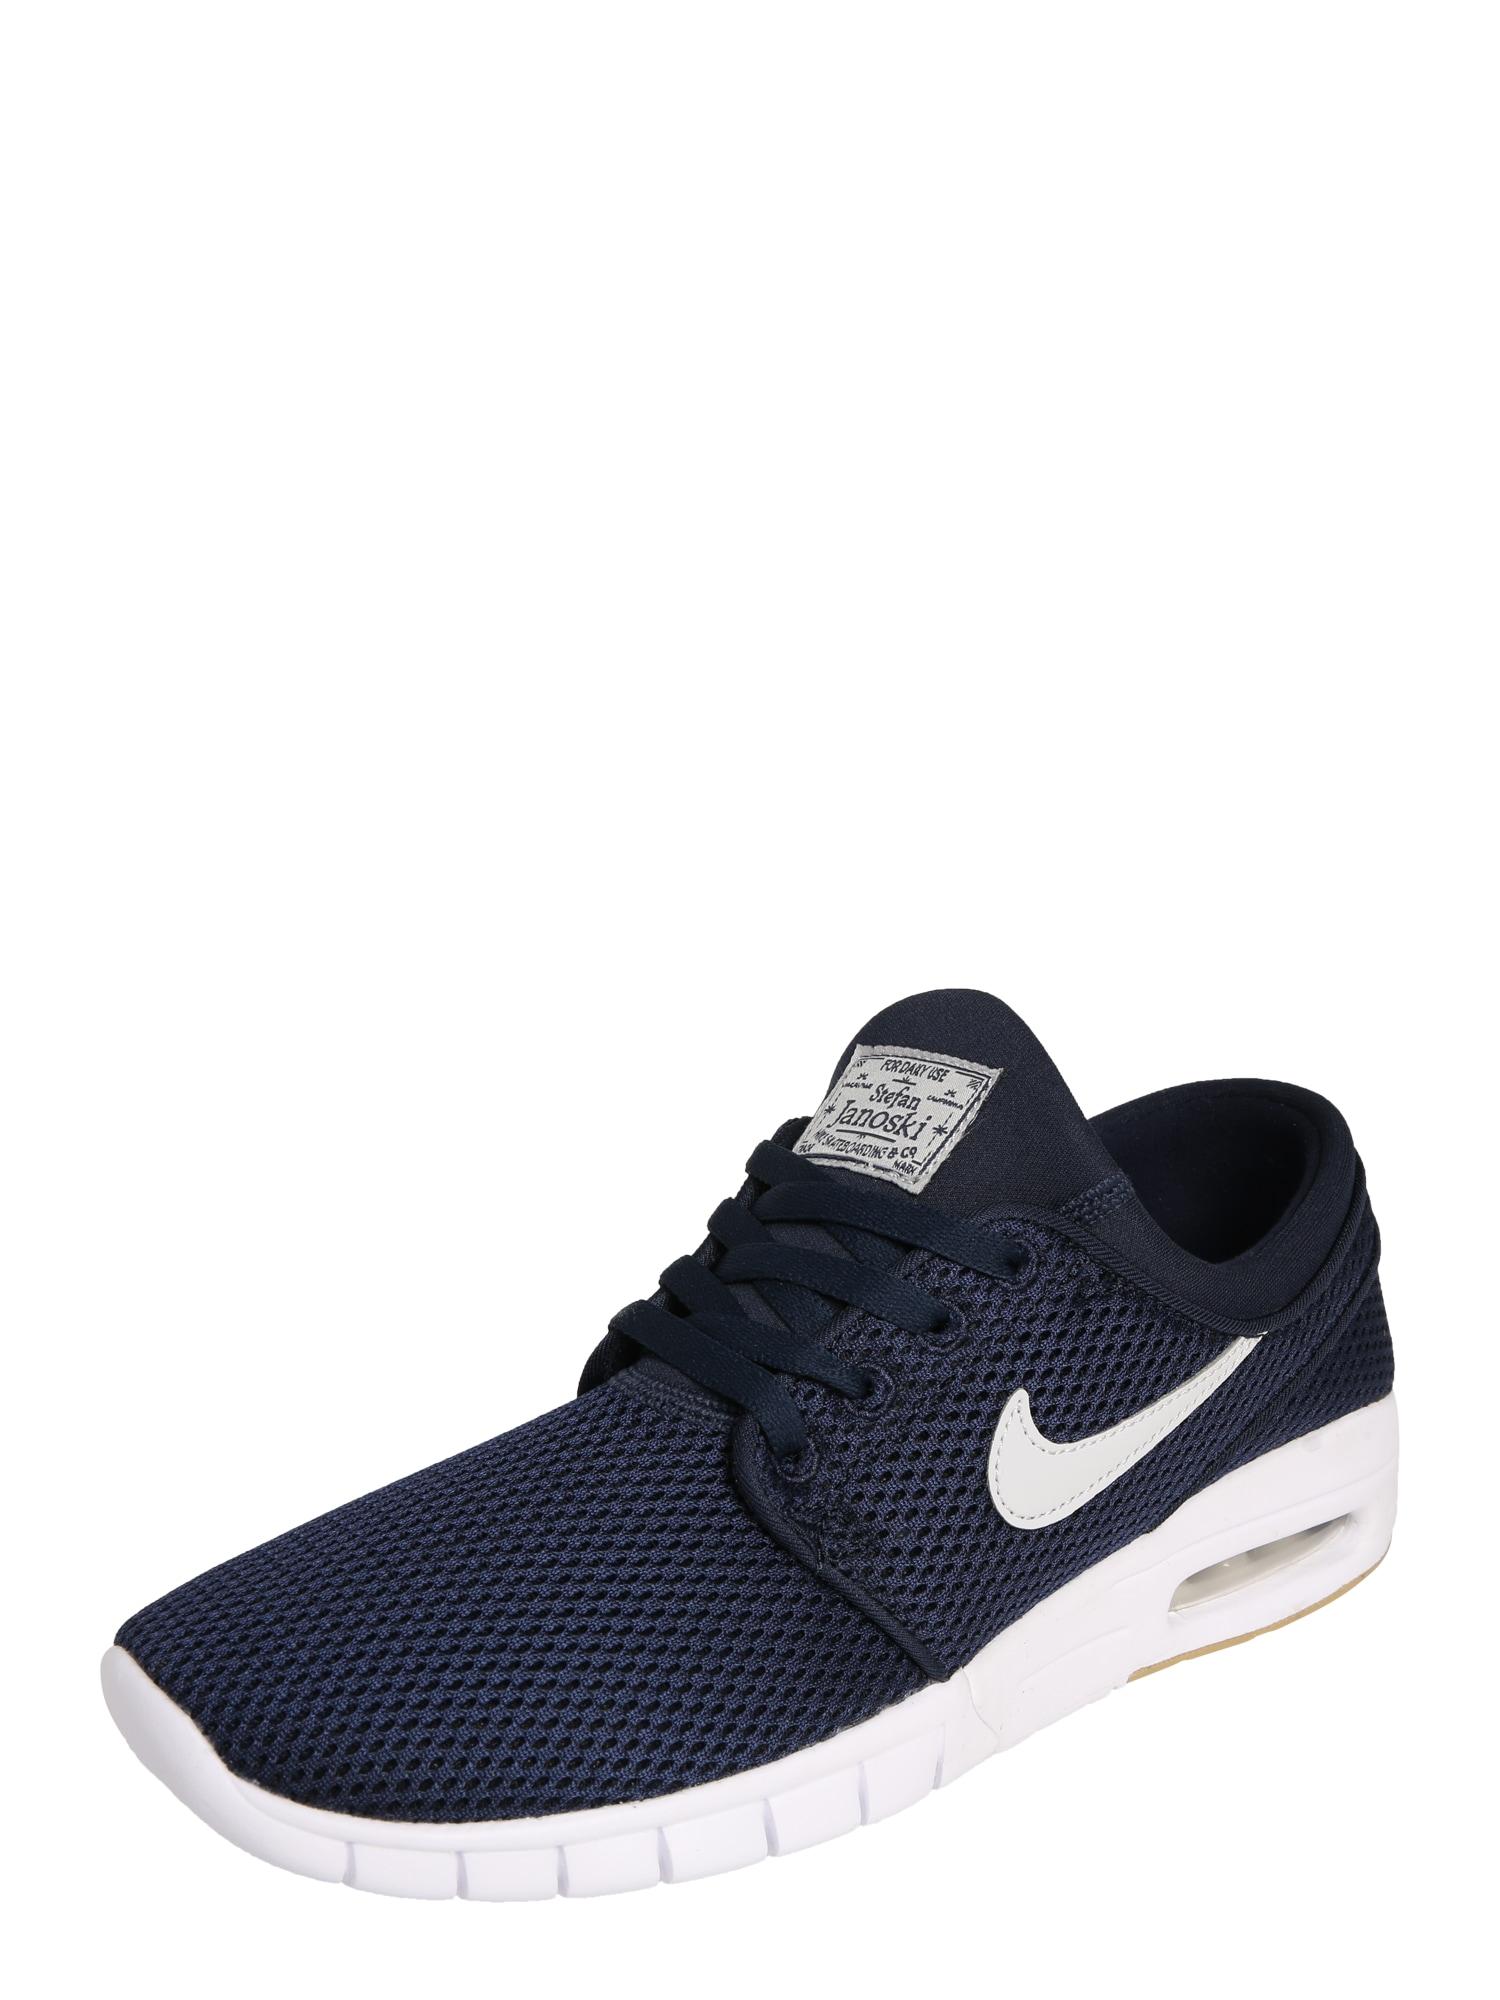 Tenisky Stefan Janoski Max černá bílá Nike SB